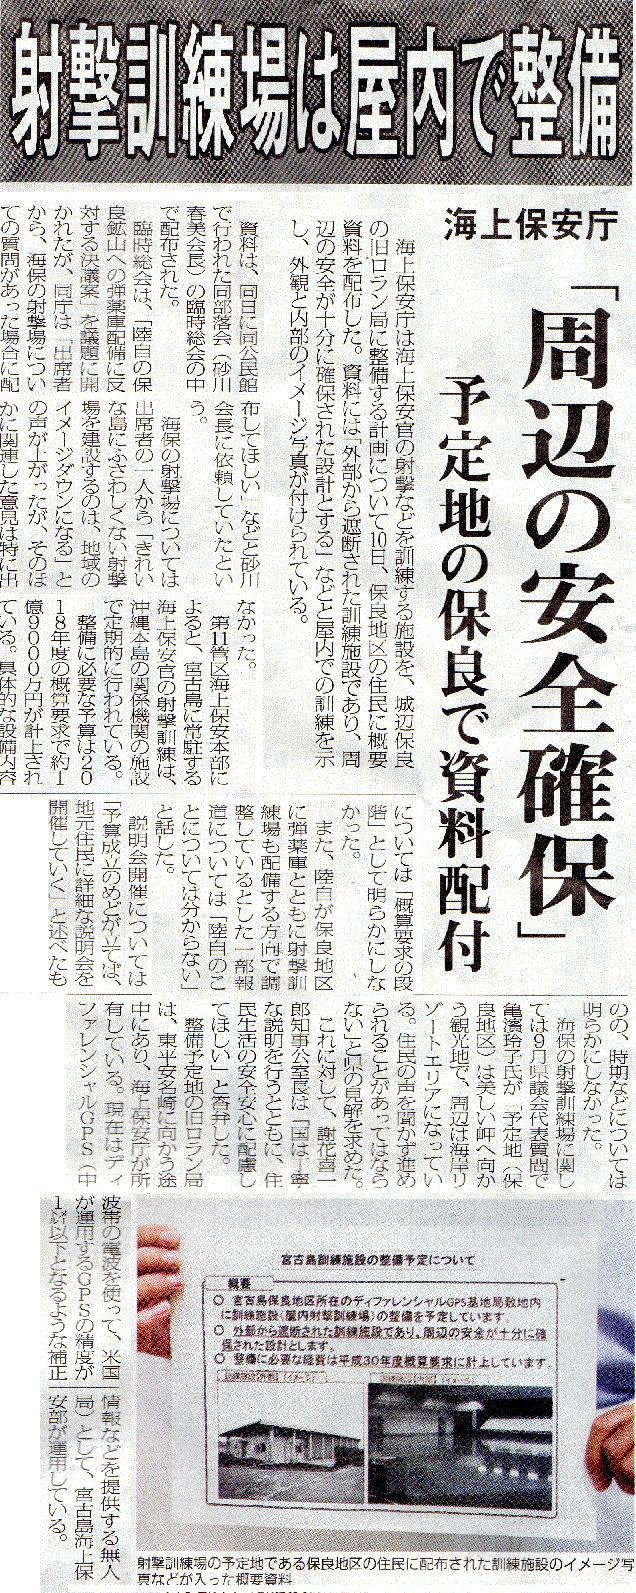 miyakomainichi2017 12132